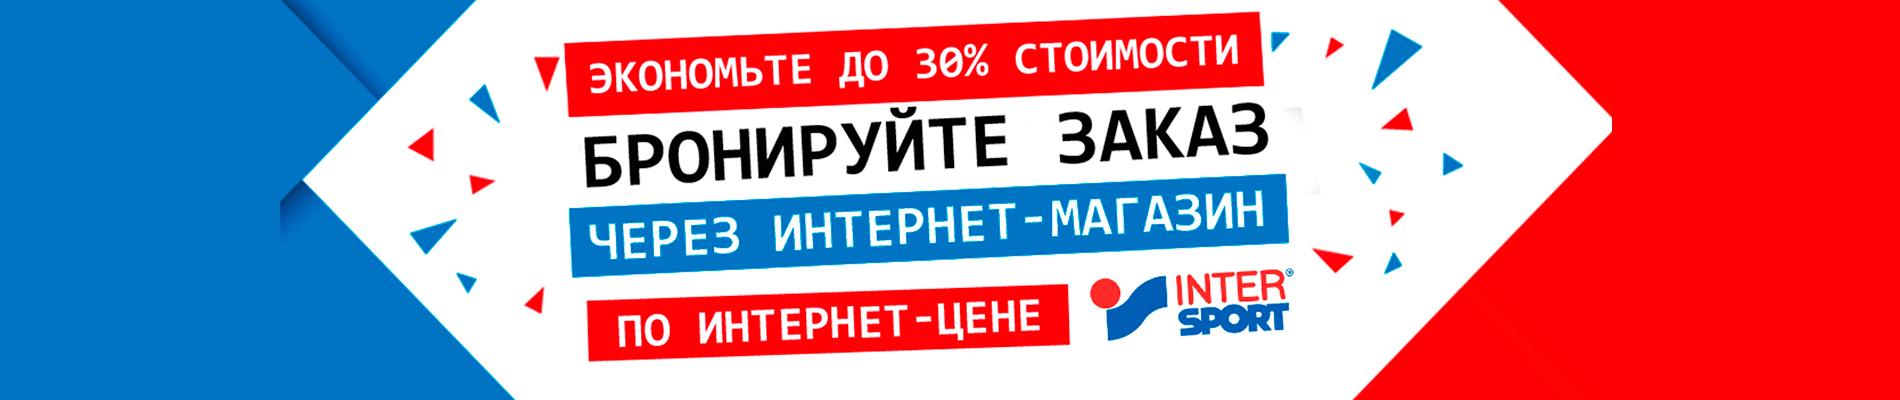 https://static-eu.insales.ru/files/1/5391/6452495/original/golo1.jpg